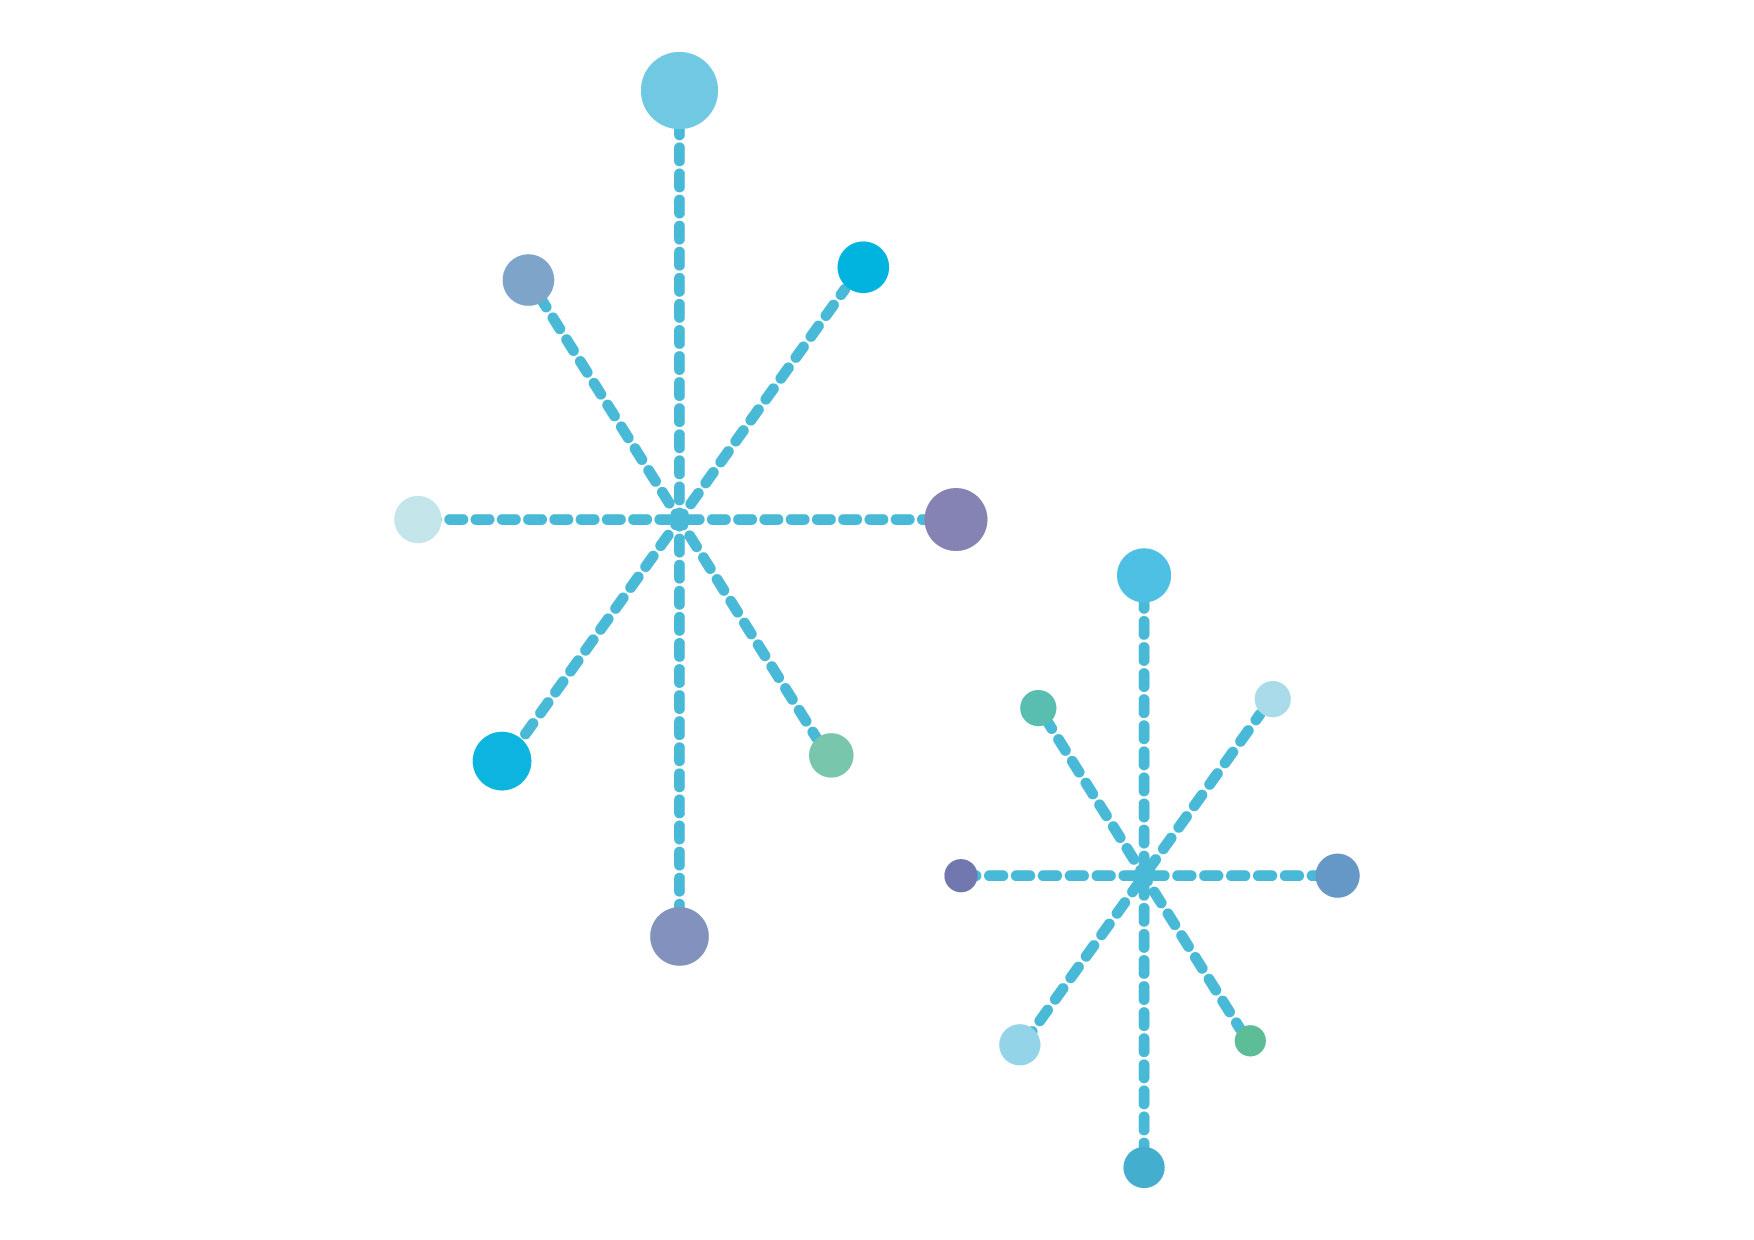 可愛いイラスト無料|毛糸 キラキラ 光 青色 − free illustration Yarn glitter light blue